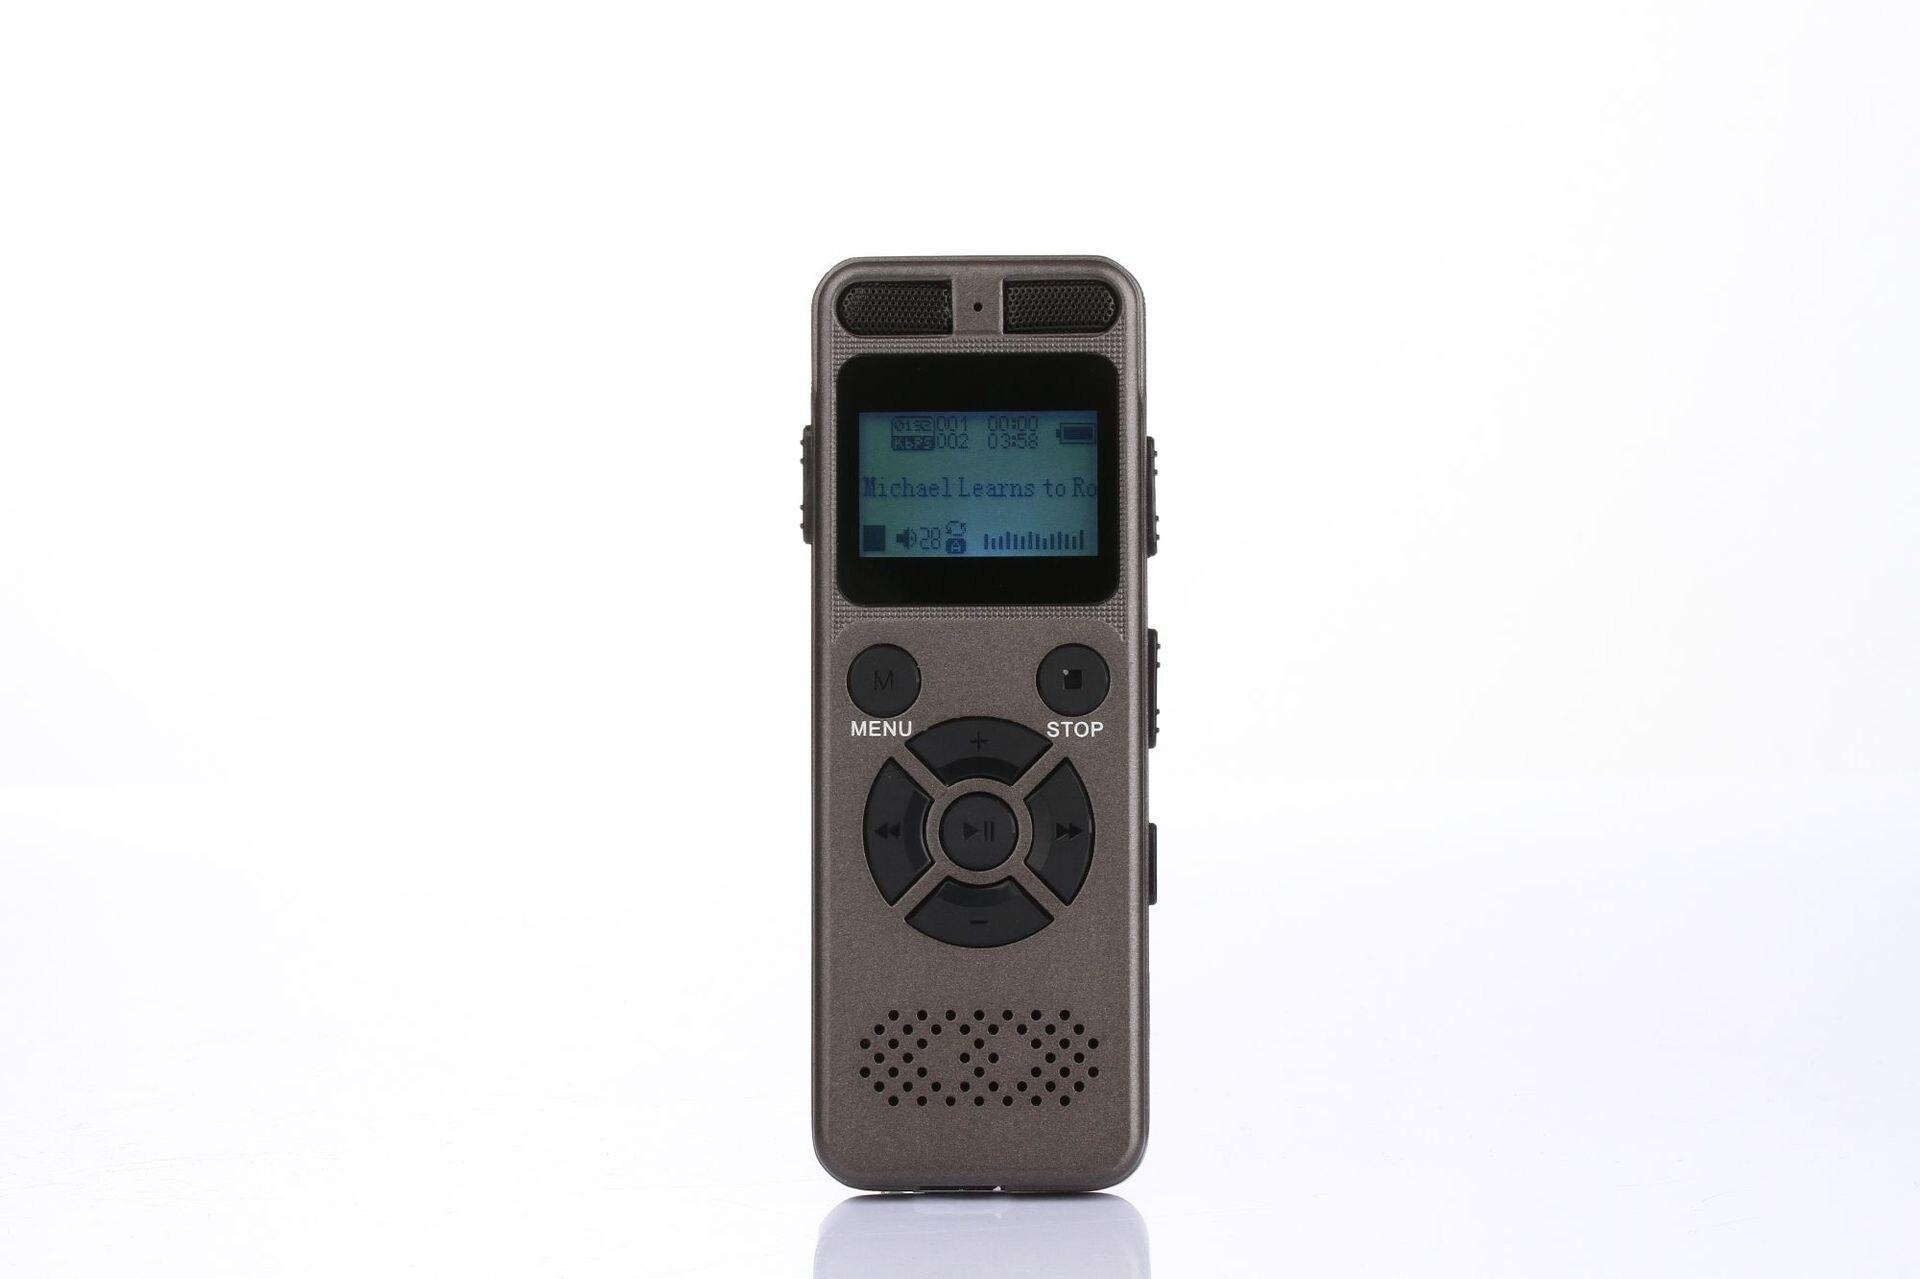 8 GB 16 GB 32 GB professionnel réduction du bruit enregistreur vocal numérique intelligent enregistrement HD à distance WAV MP3 enregistreur Audio son HIFI - 2